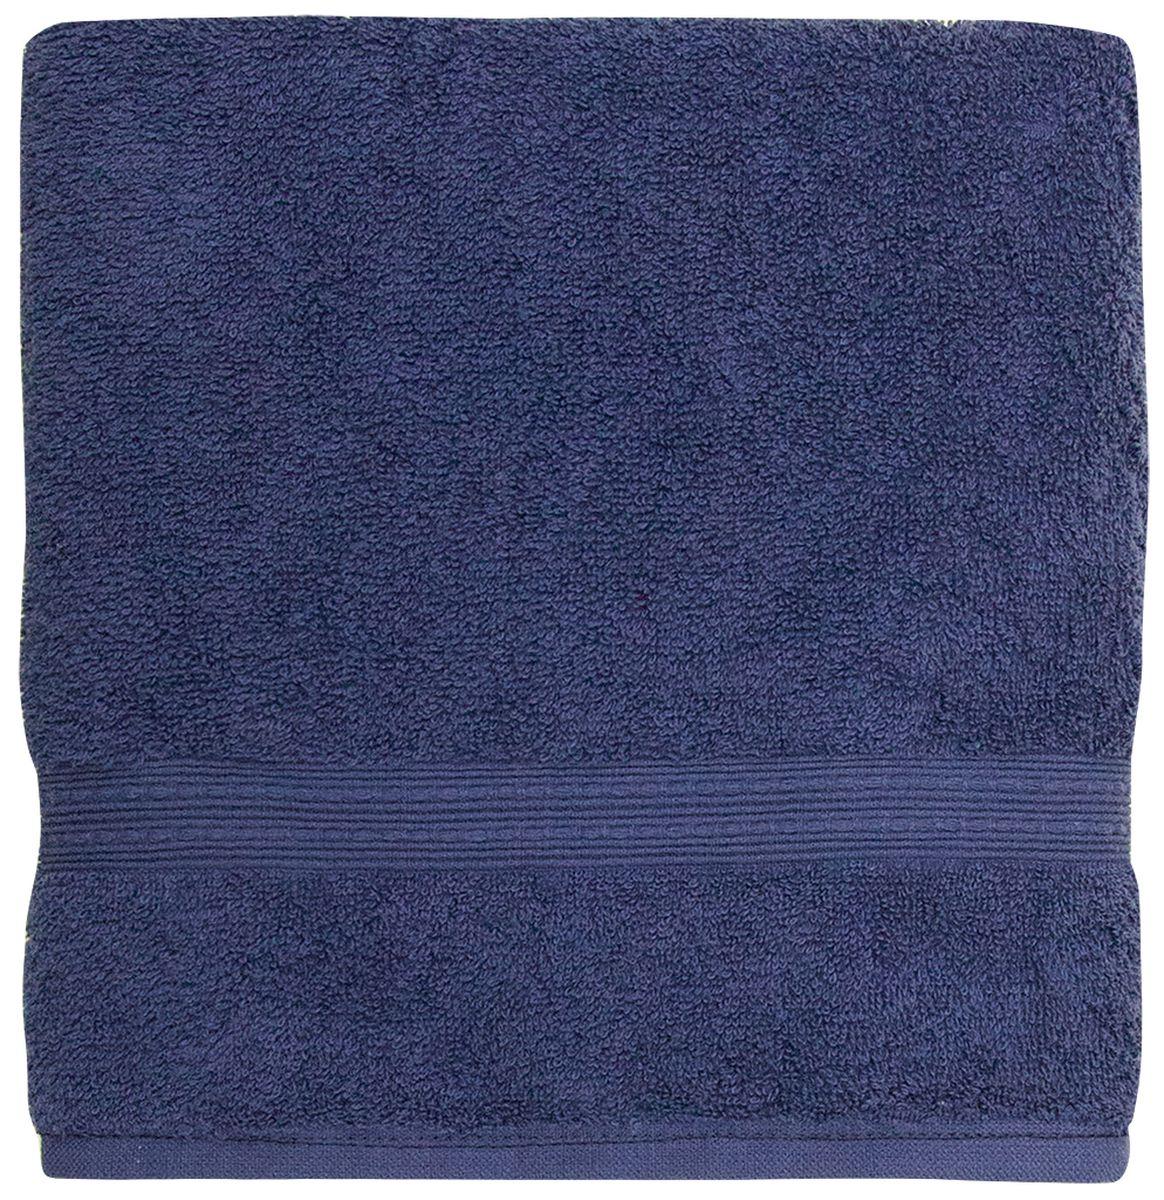 Полотенце банное Bonita Classic, махровое, цвет: сапфир, 70 х 140 см1011217226Полотенце банное 70*140 Bonita Classic, махровое